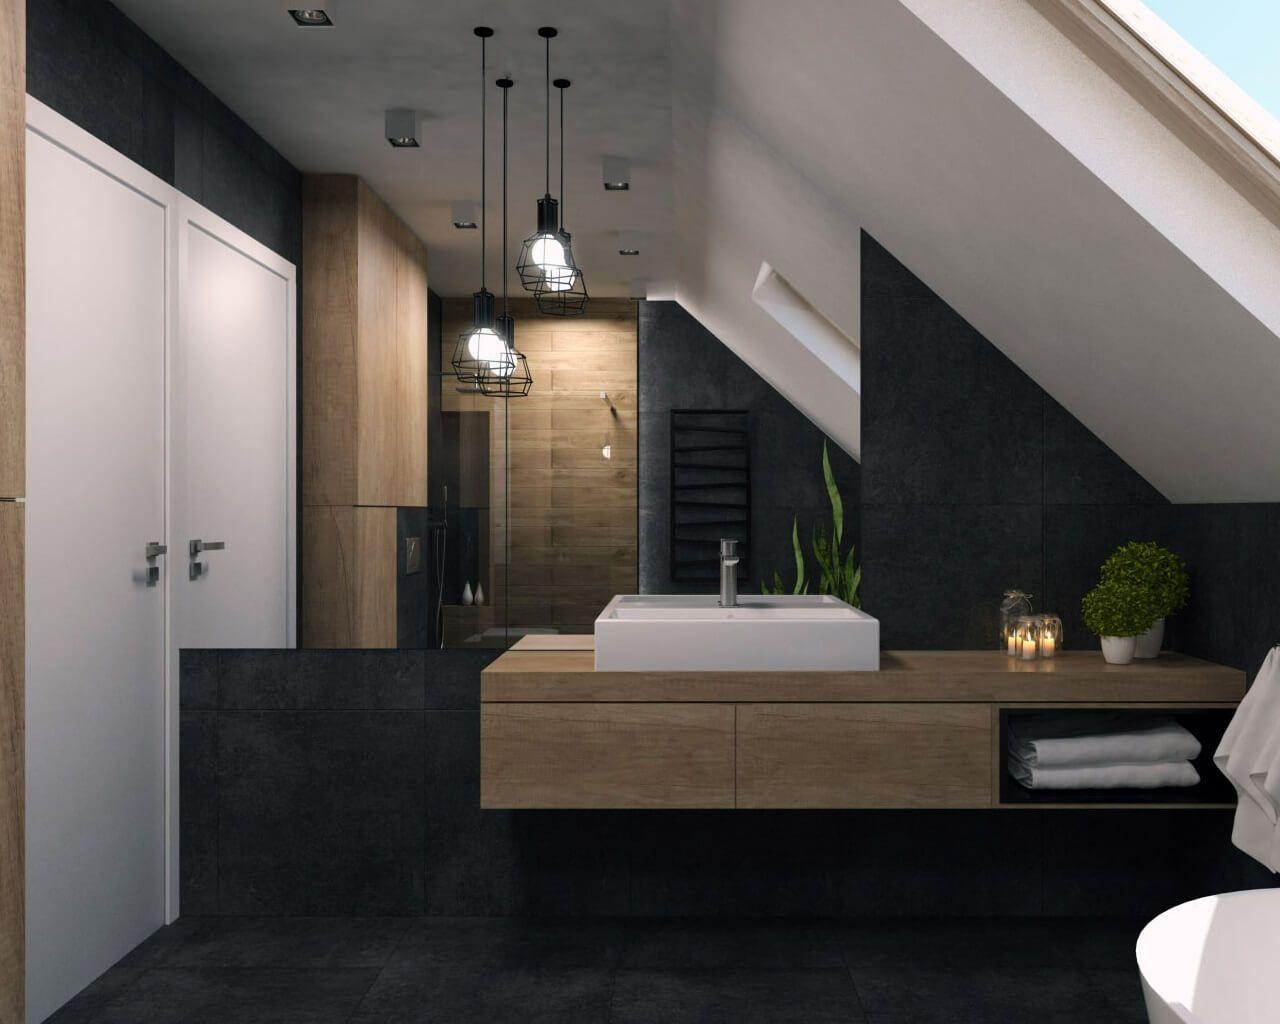 Drewno Ciemny Kamień I Szkło W łazience Na Poddaszu